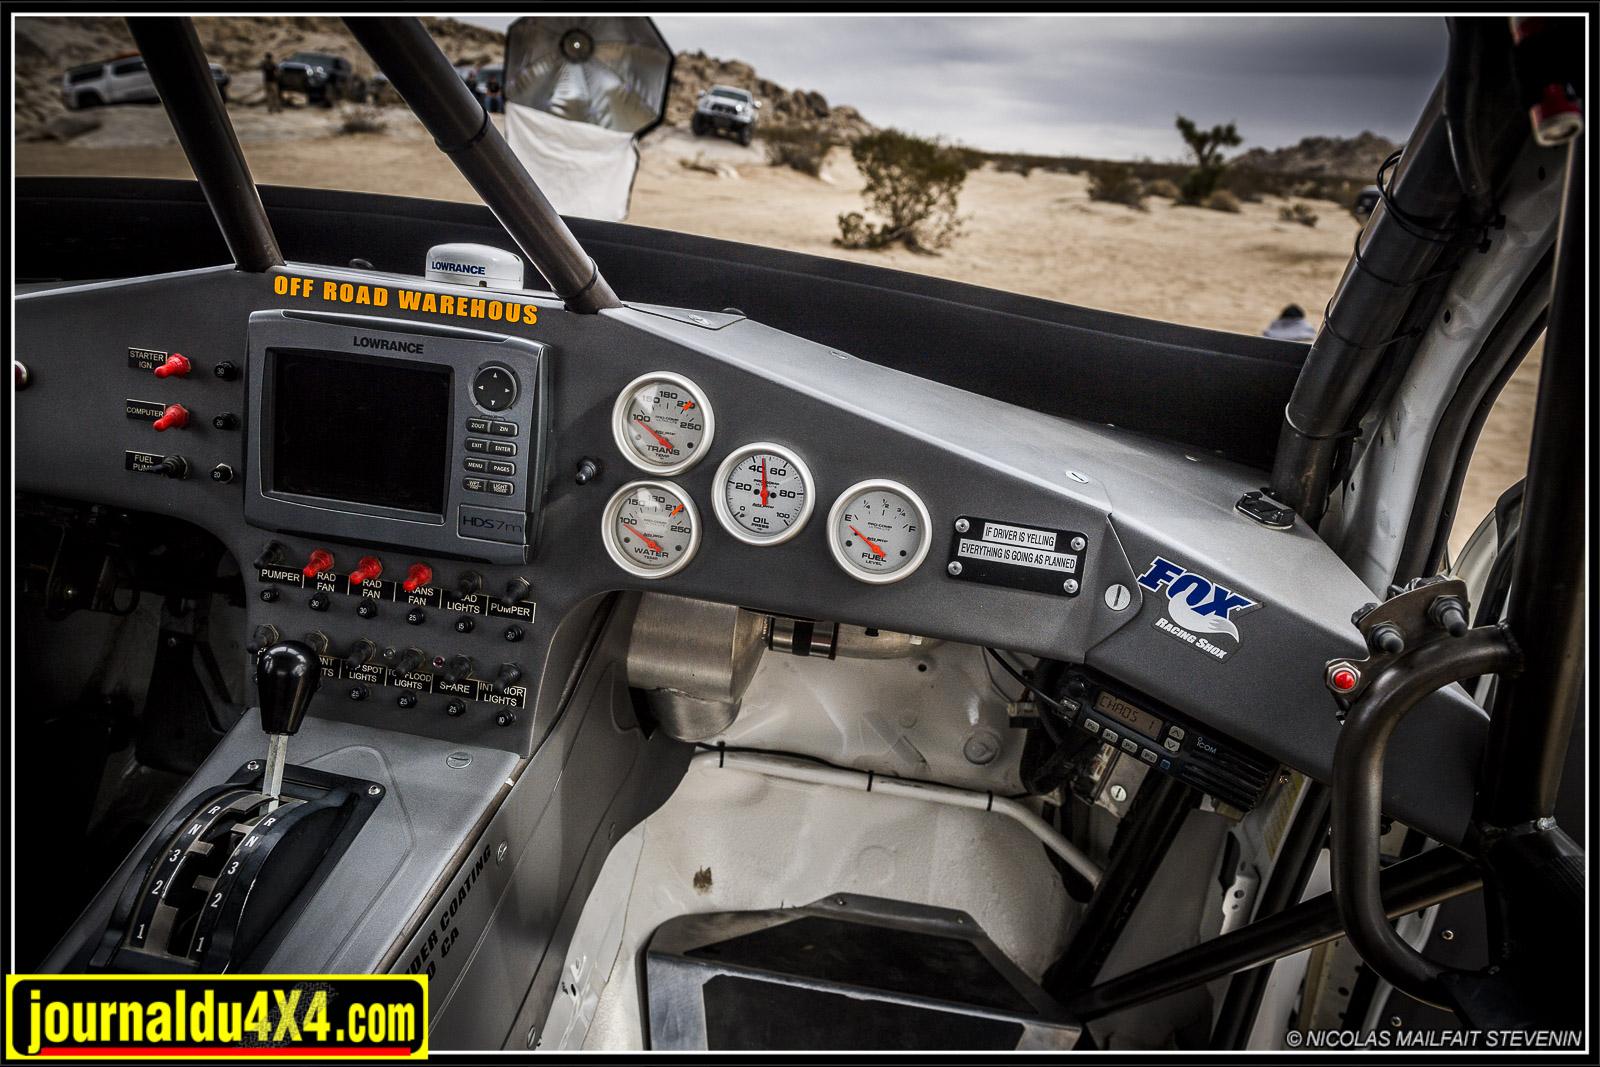 la plupart des instruments de bord sont situés face au copilote. Nicole peut ainsi se concentrer sur la conduite du Tacoma